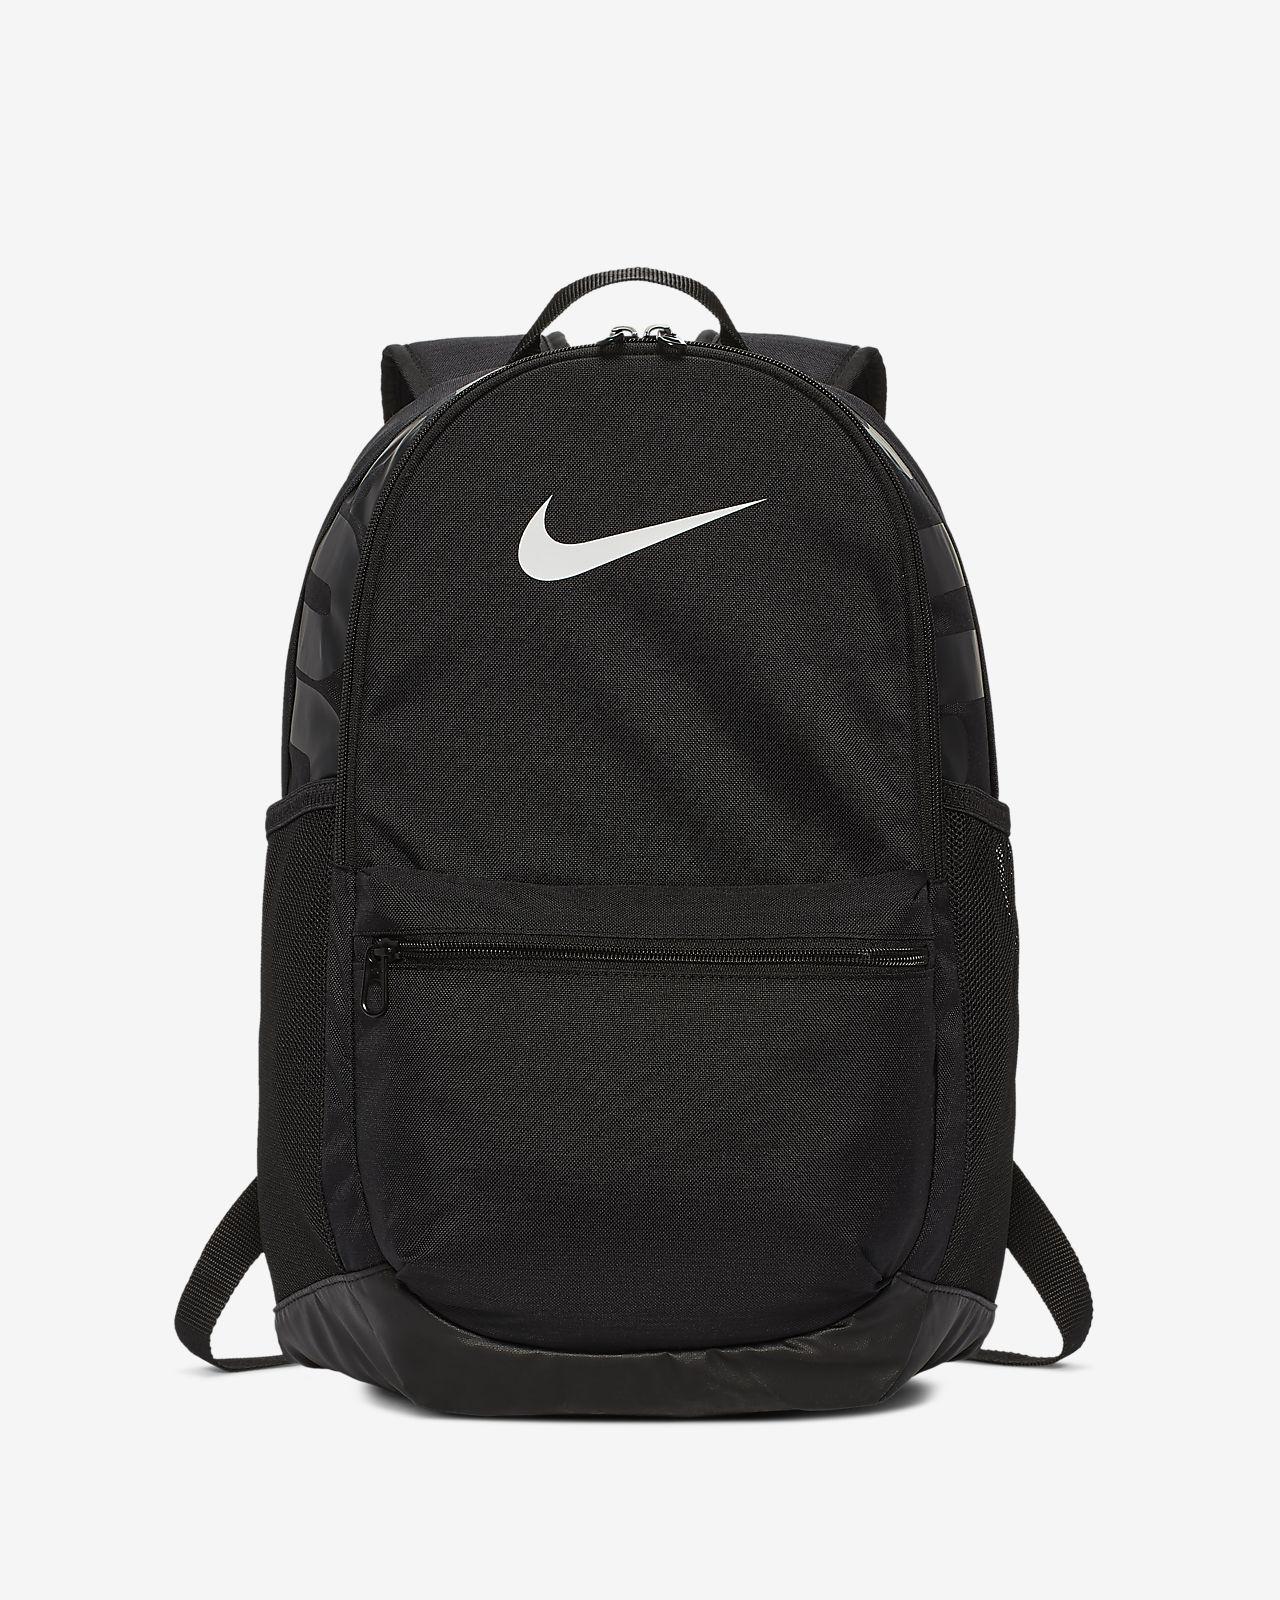 ナイキ ブラジリア トレーニングバックパック (ミディアム)